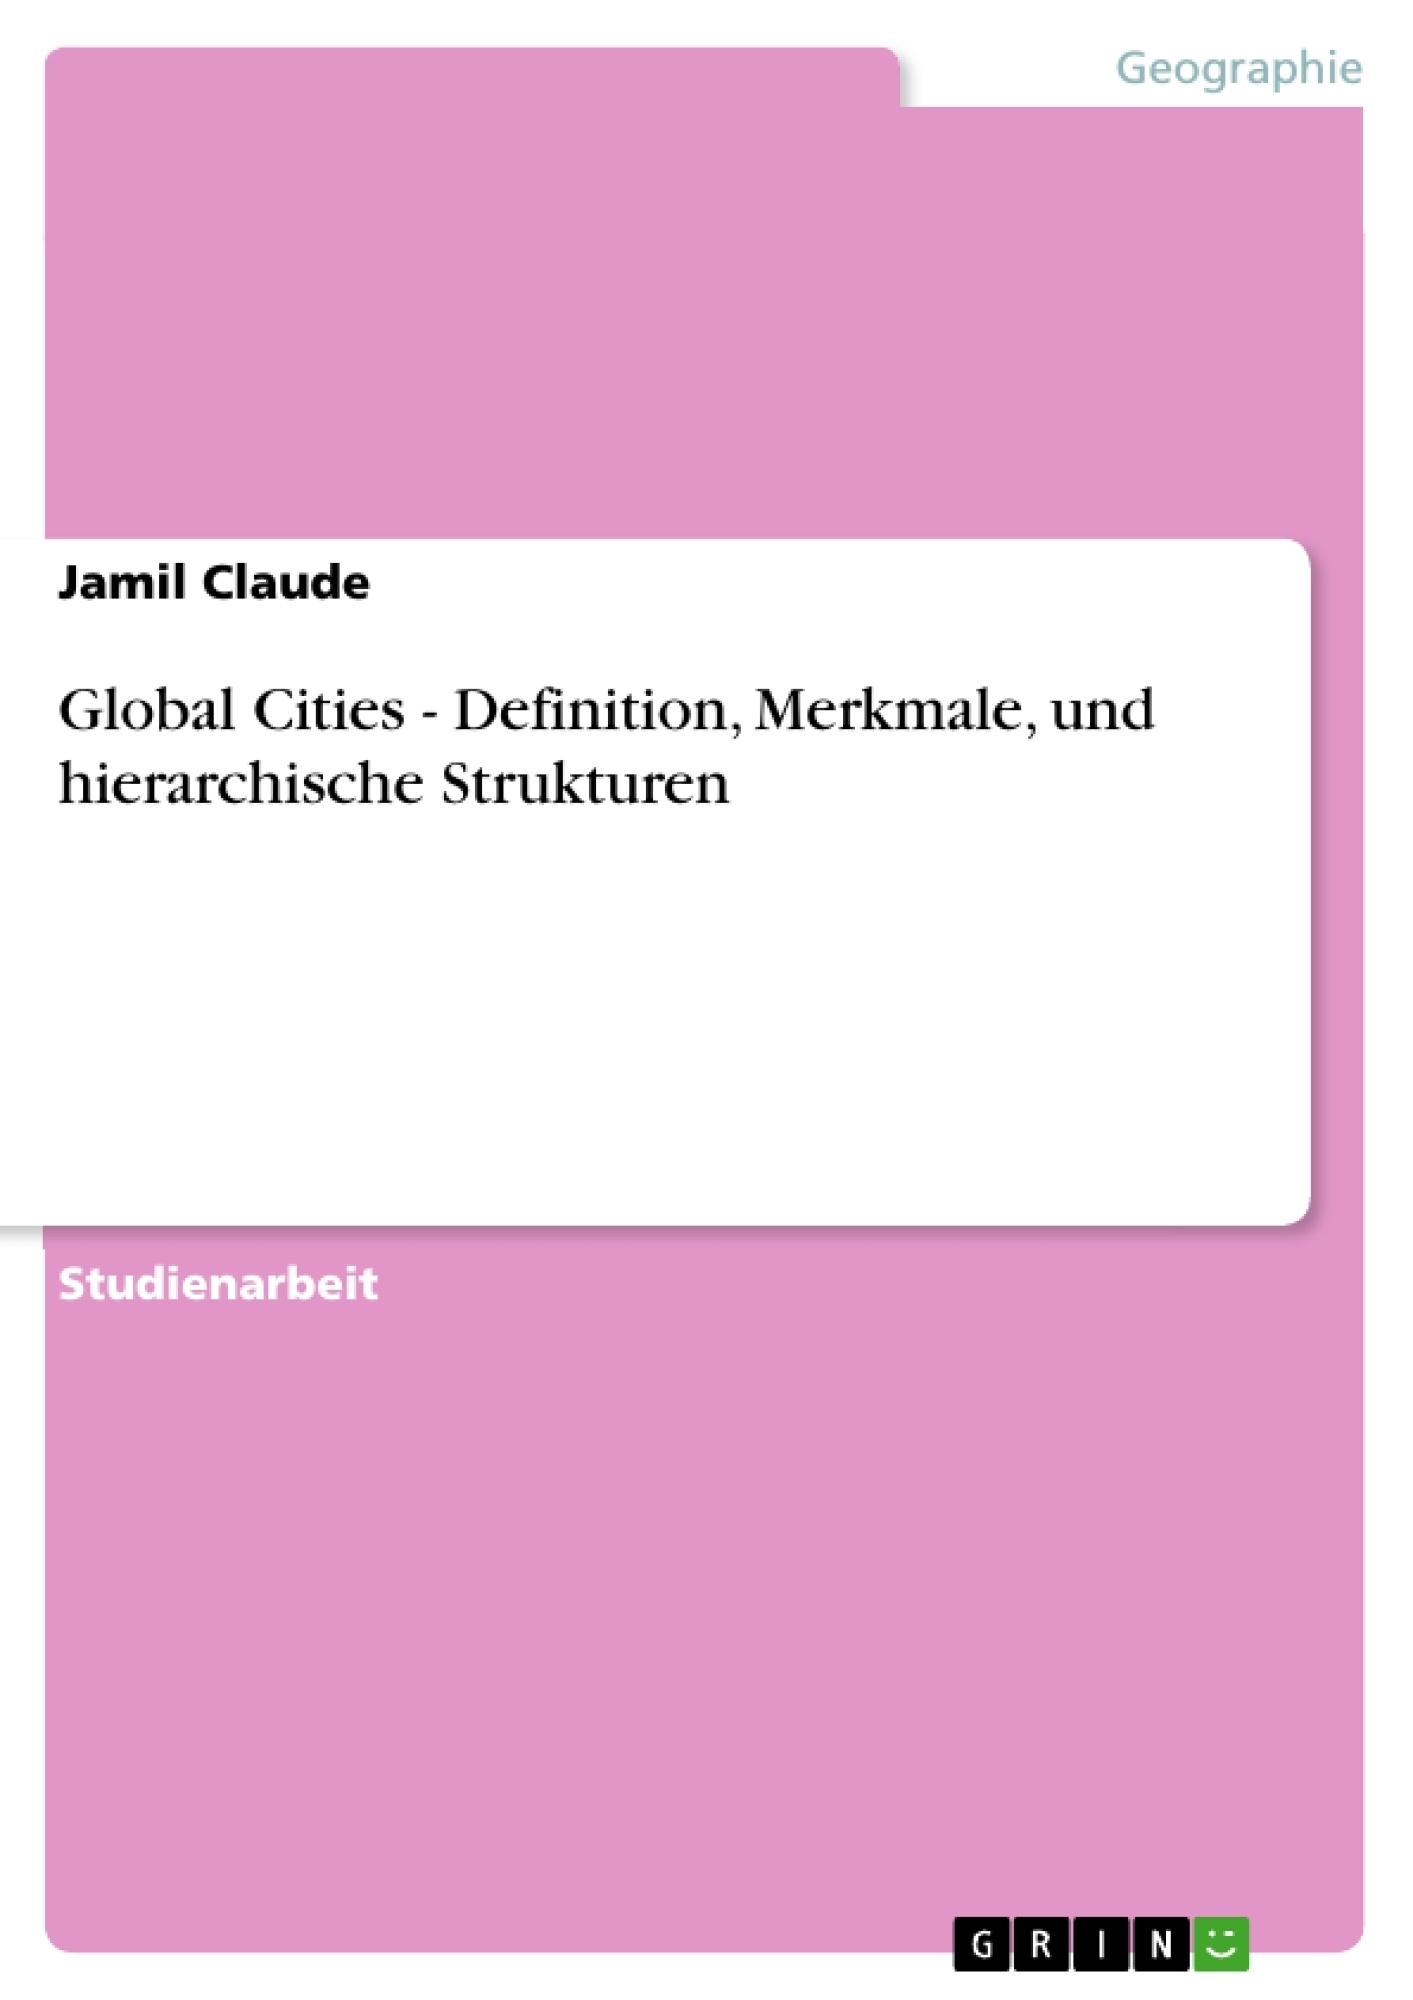 Titel: Global Cities - Definition, Merkmale, und hierarchische Strukturen